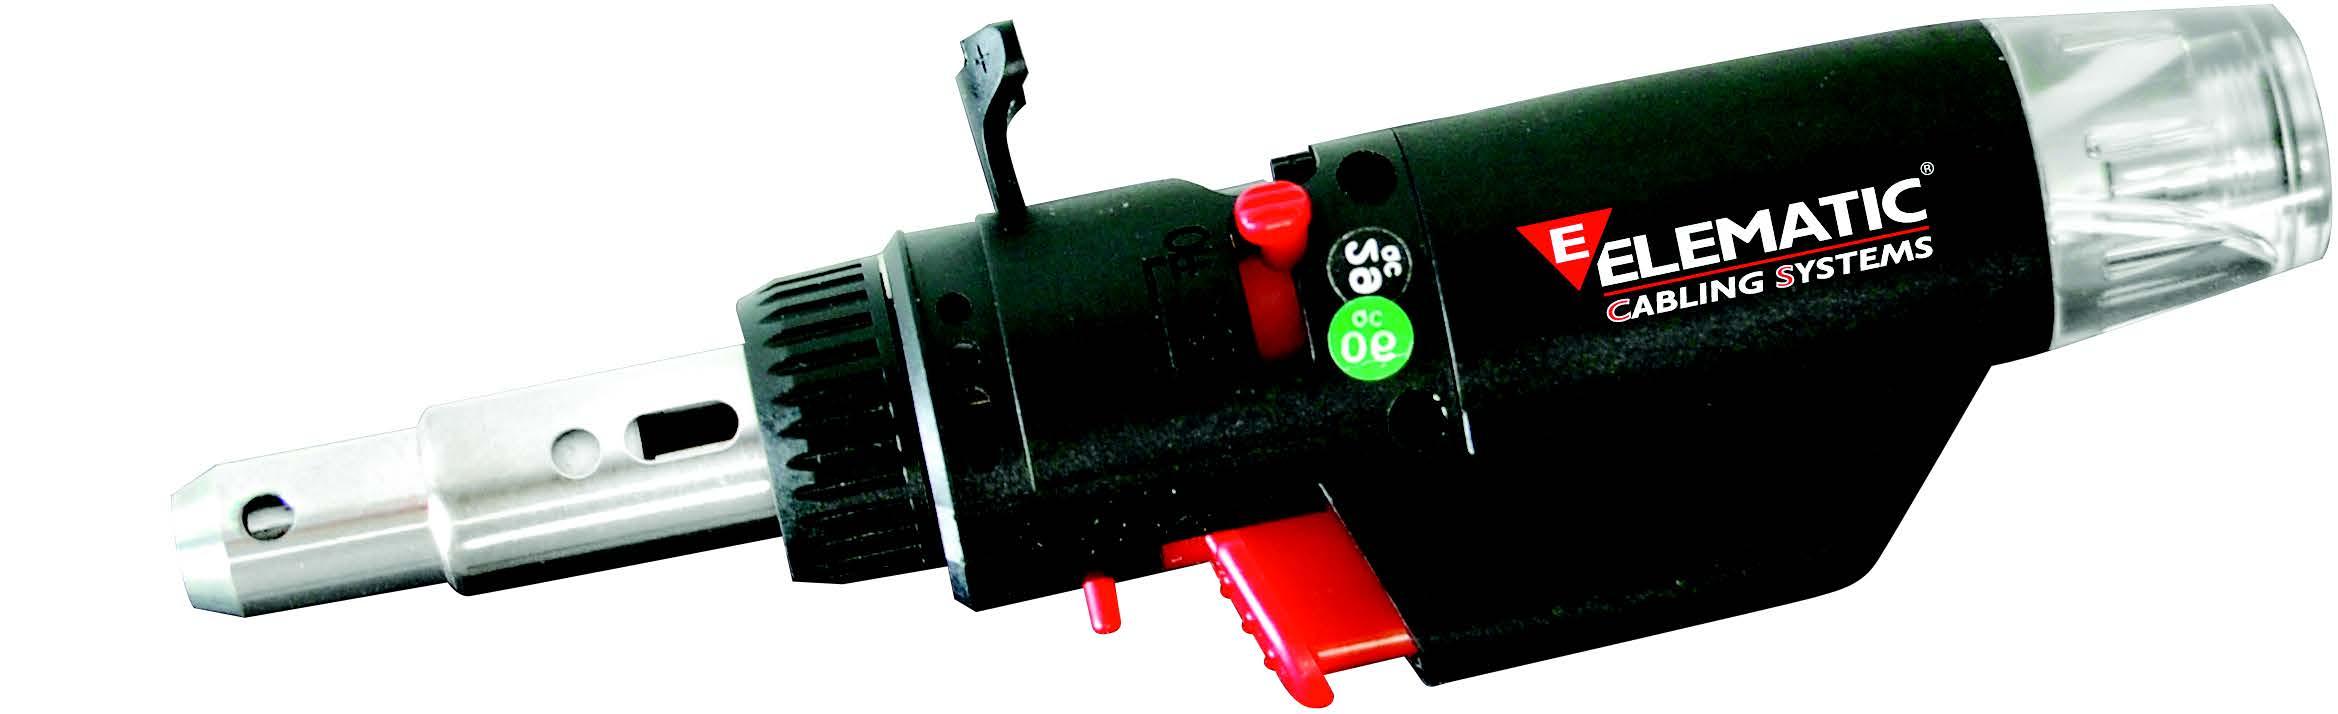 Blu pistola per rivetti portatile Ugello di scambio Dado staccabile Kit adattatore per trapano Convertitore di utensili per rivettatura durevole Rivettatrice elettrica